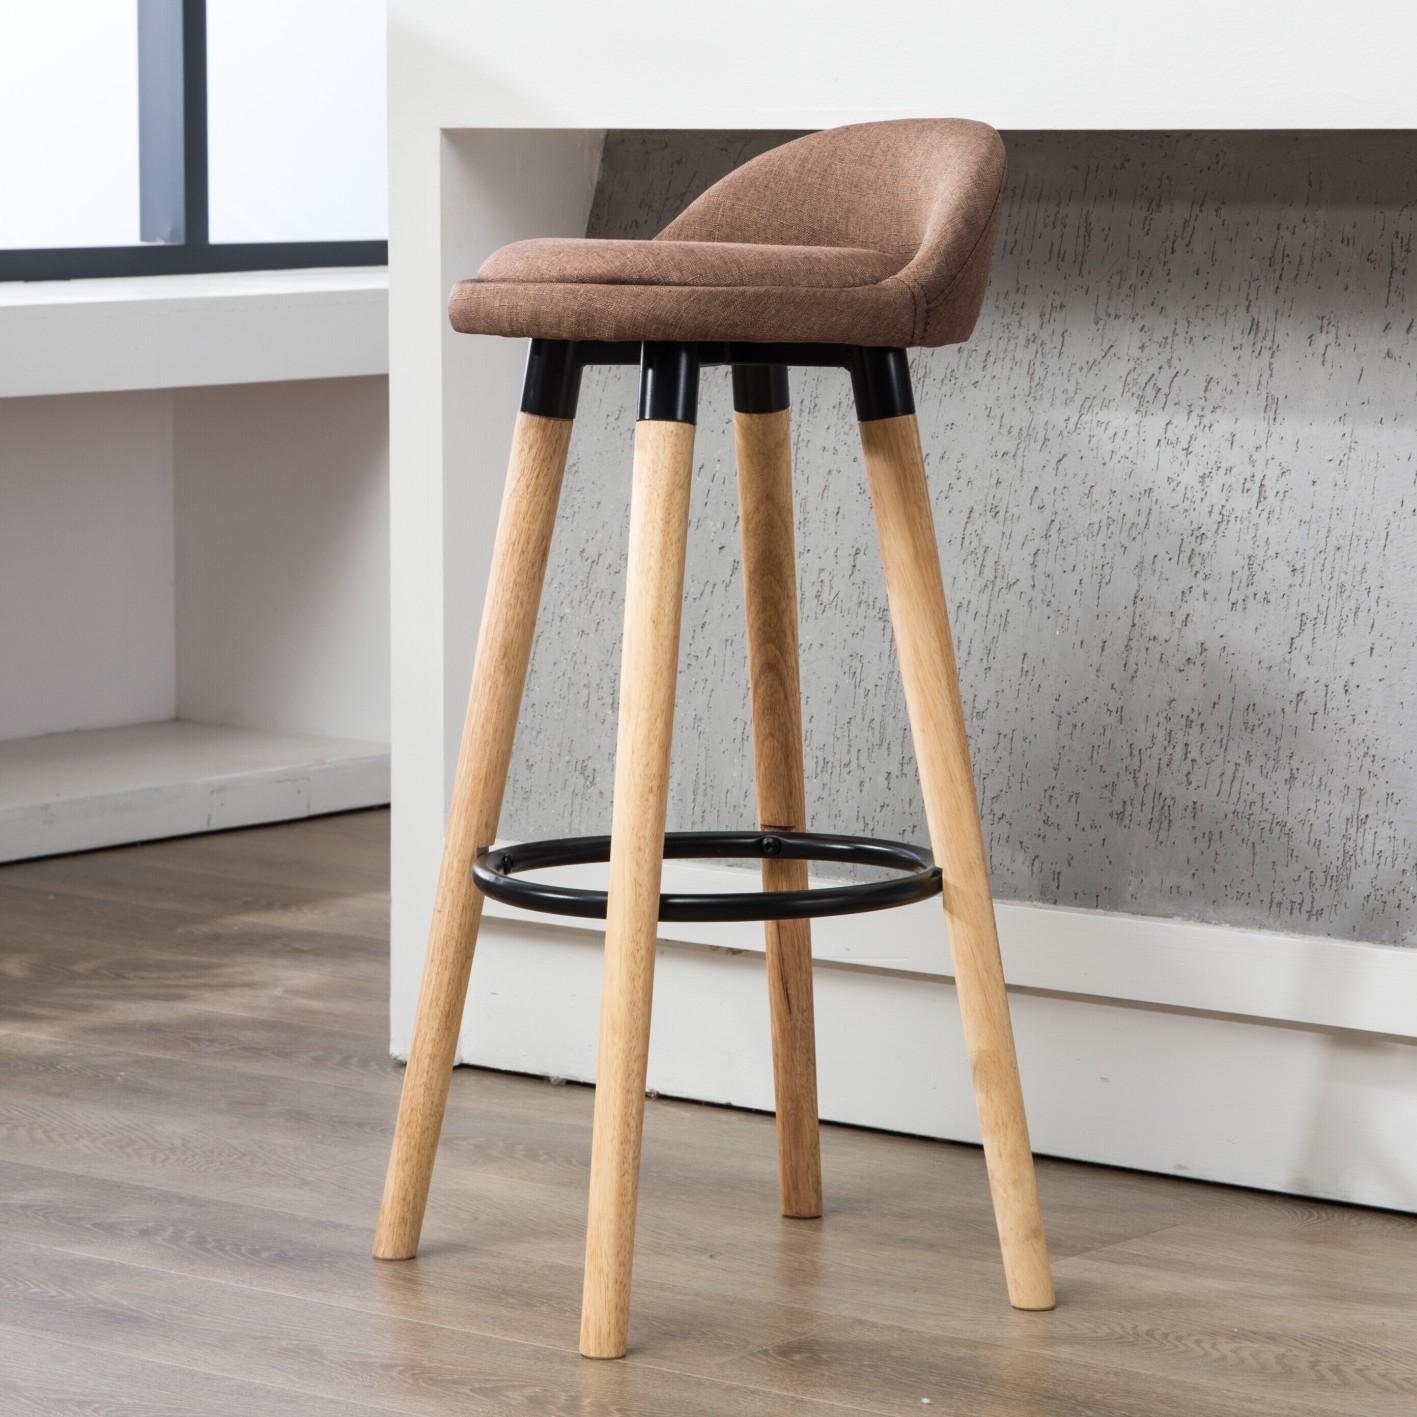 Дерево табурет мода творческий бар стул современный простой бар столы и стулья домой вращение ходули стул бар табуретка